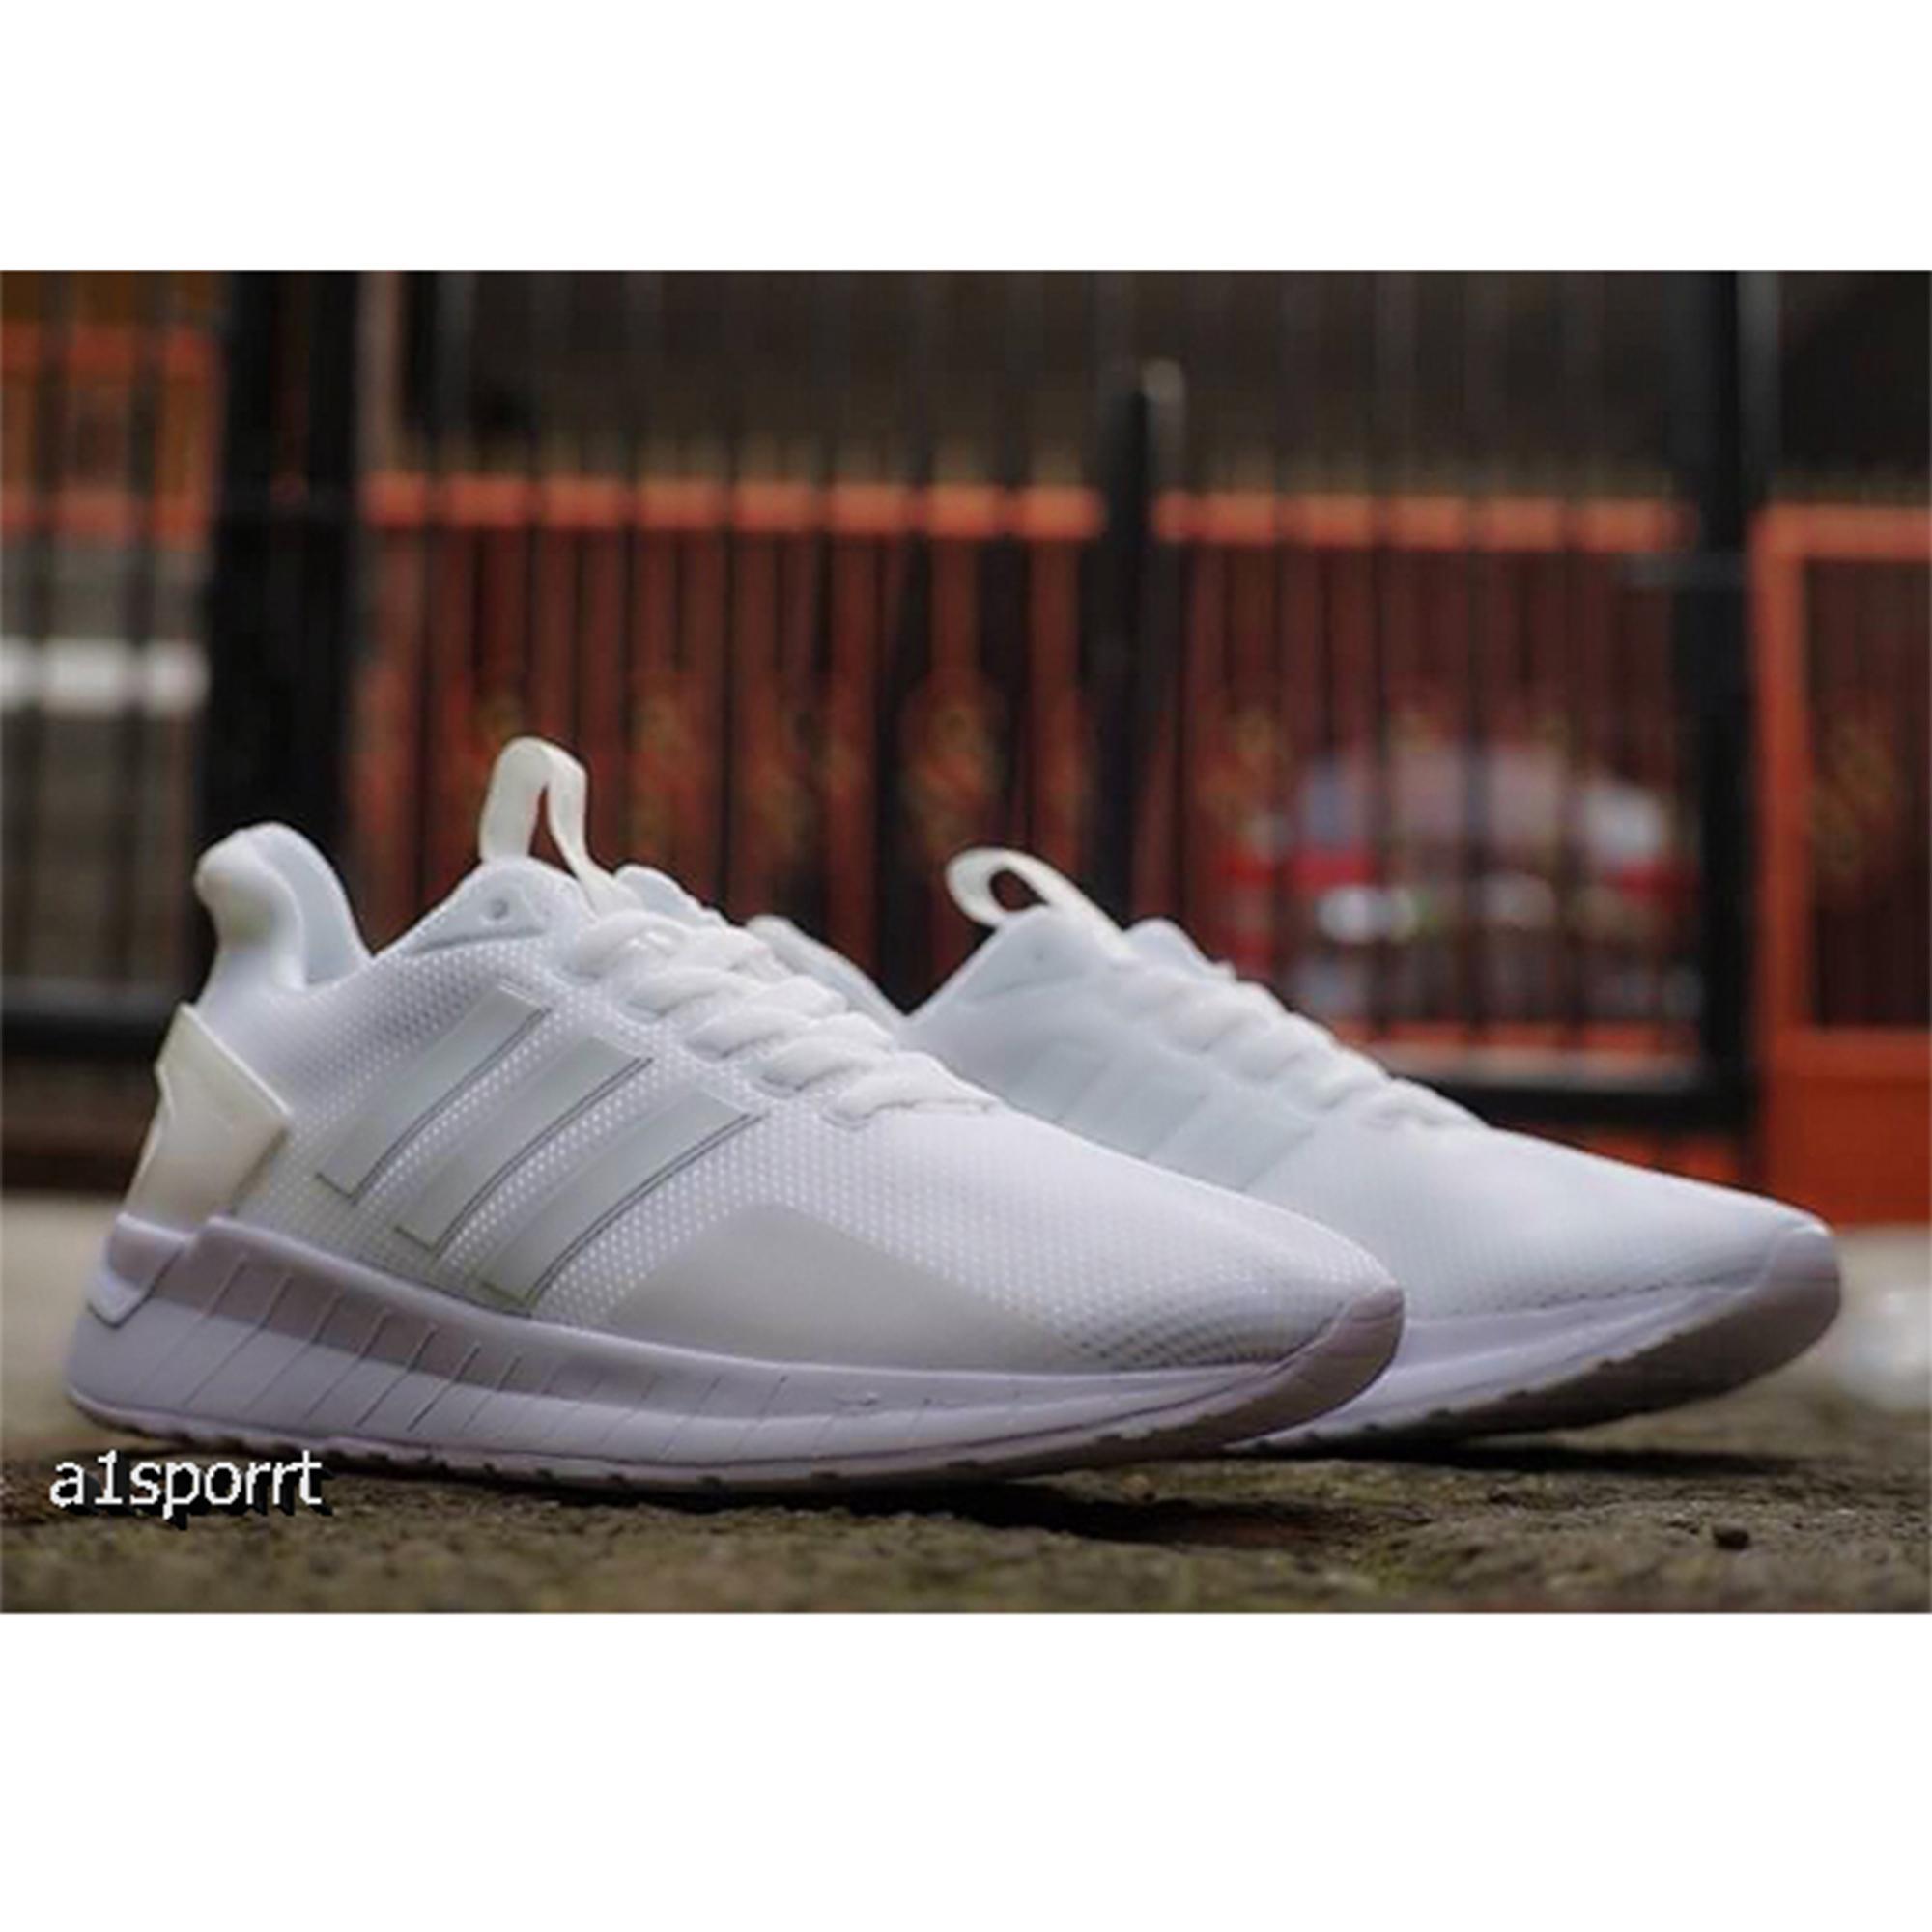 Sepatu Murah Adidas Equestar Kualitas Premium Putih